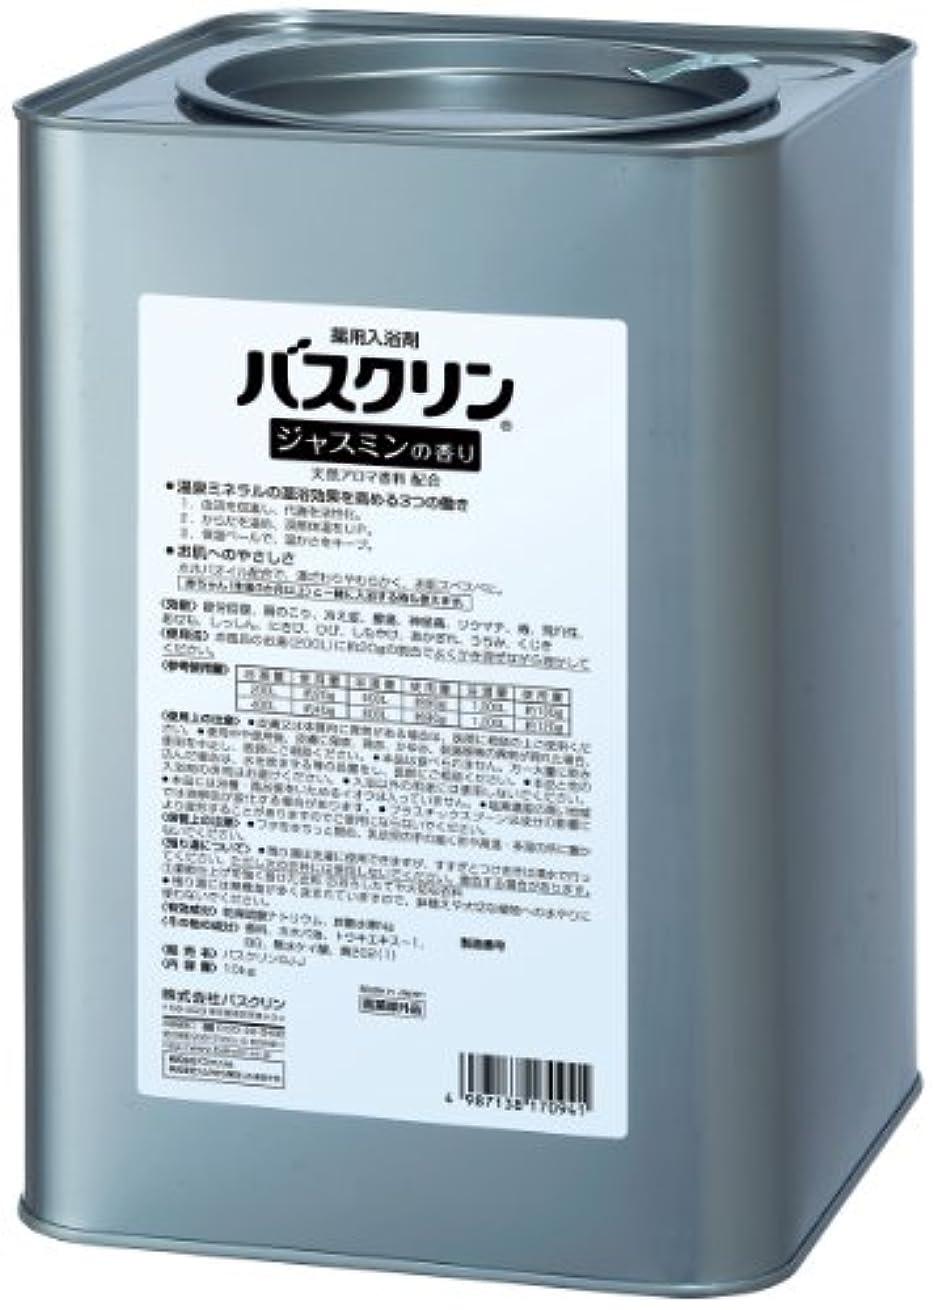 依存する経験推測する【業務用】バスクリン ジャスミン 10kg 入浴剤